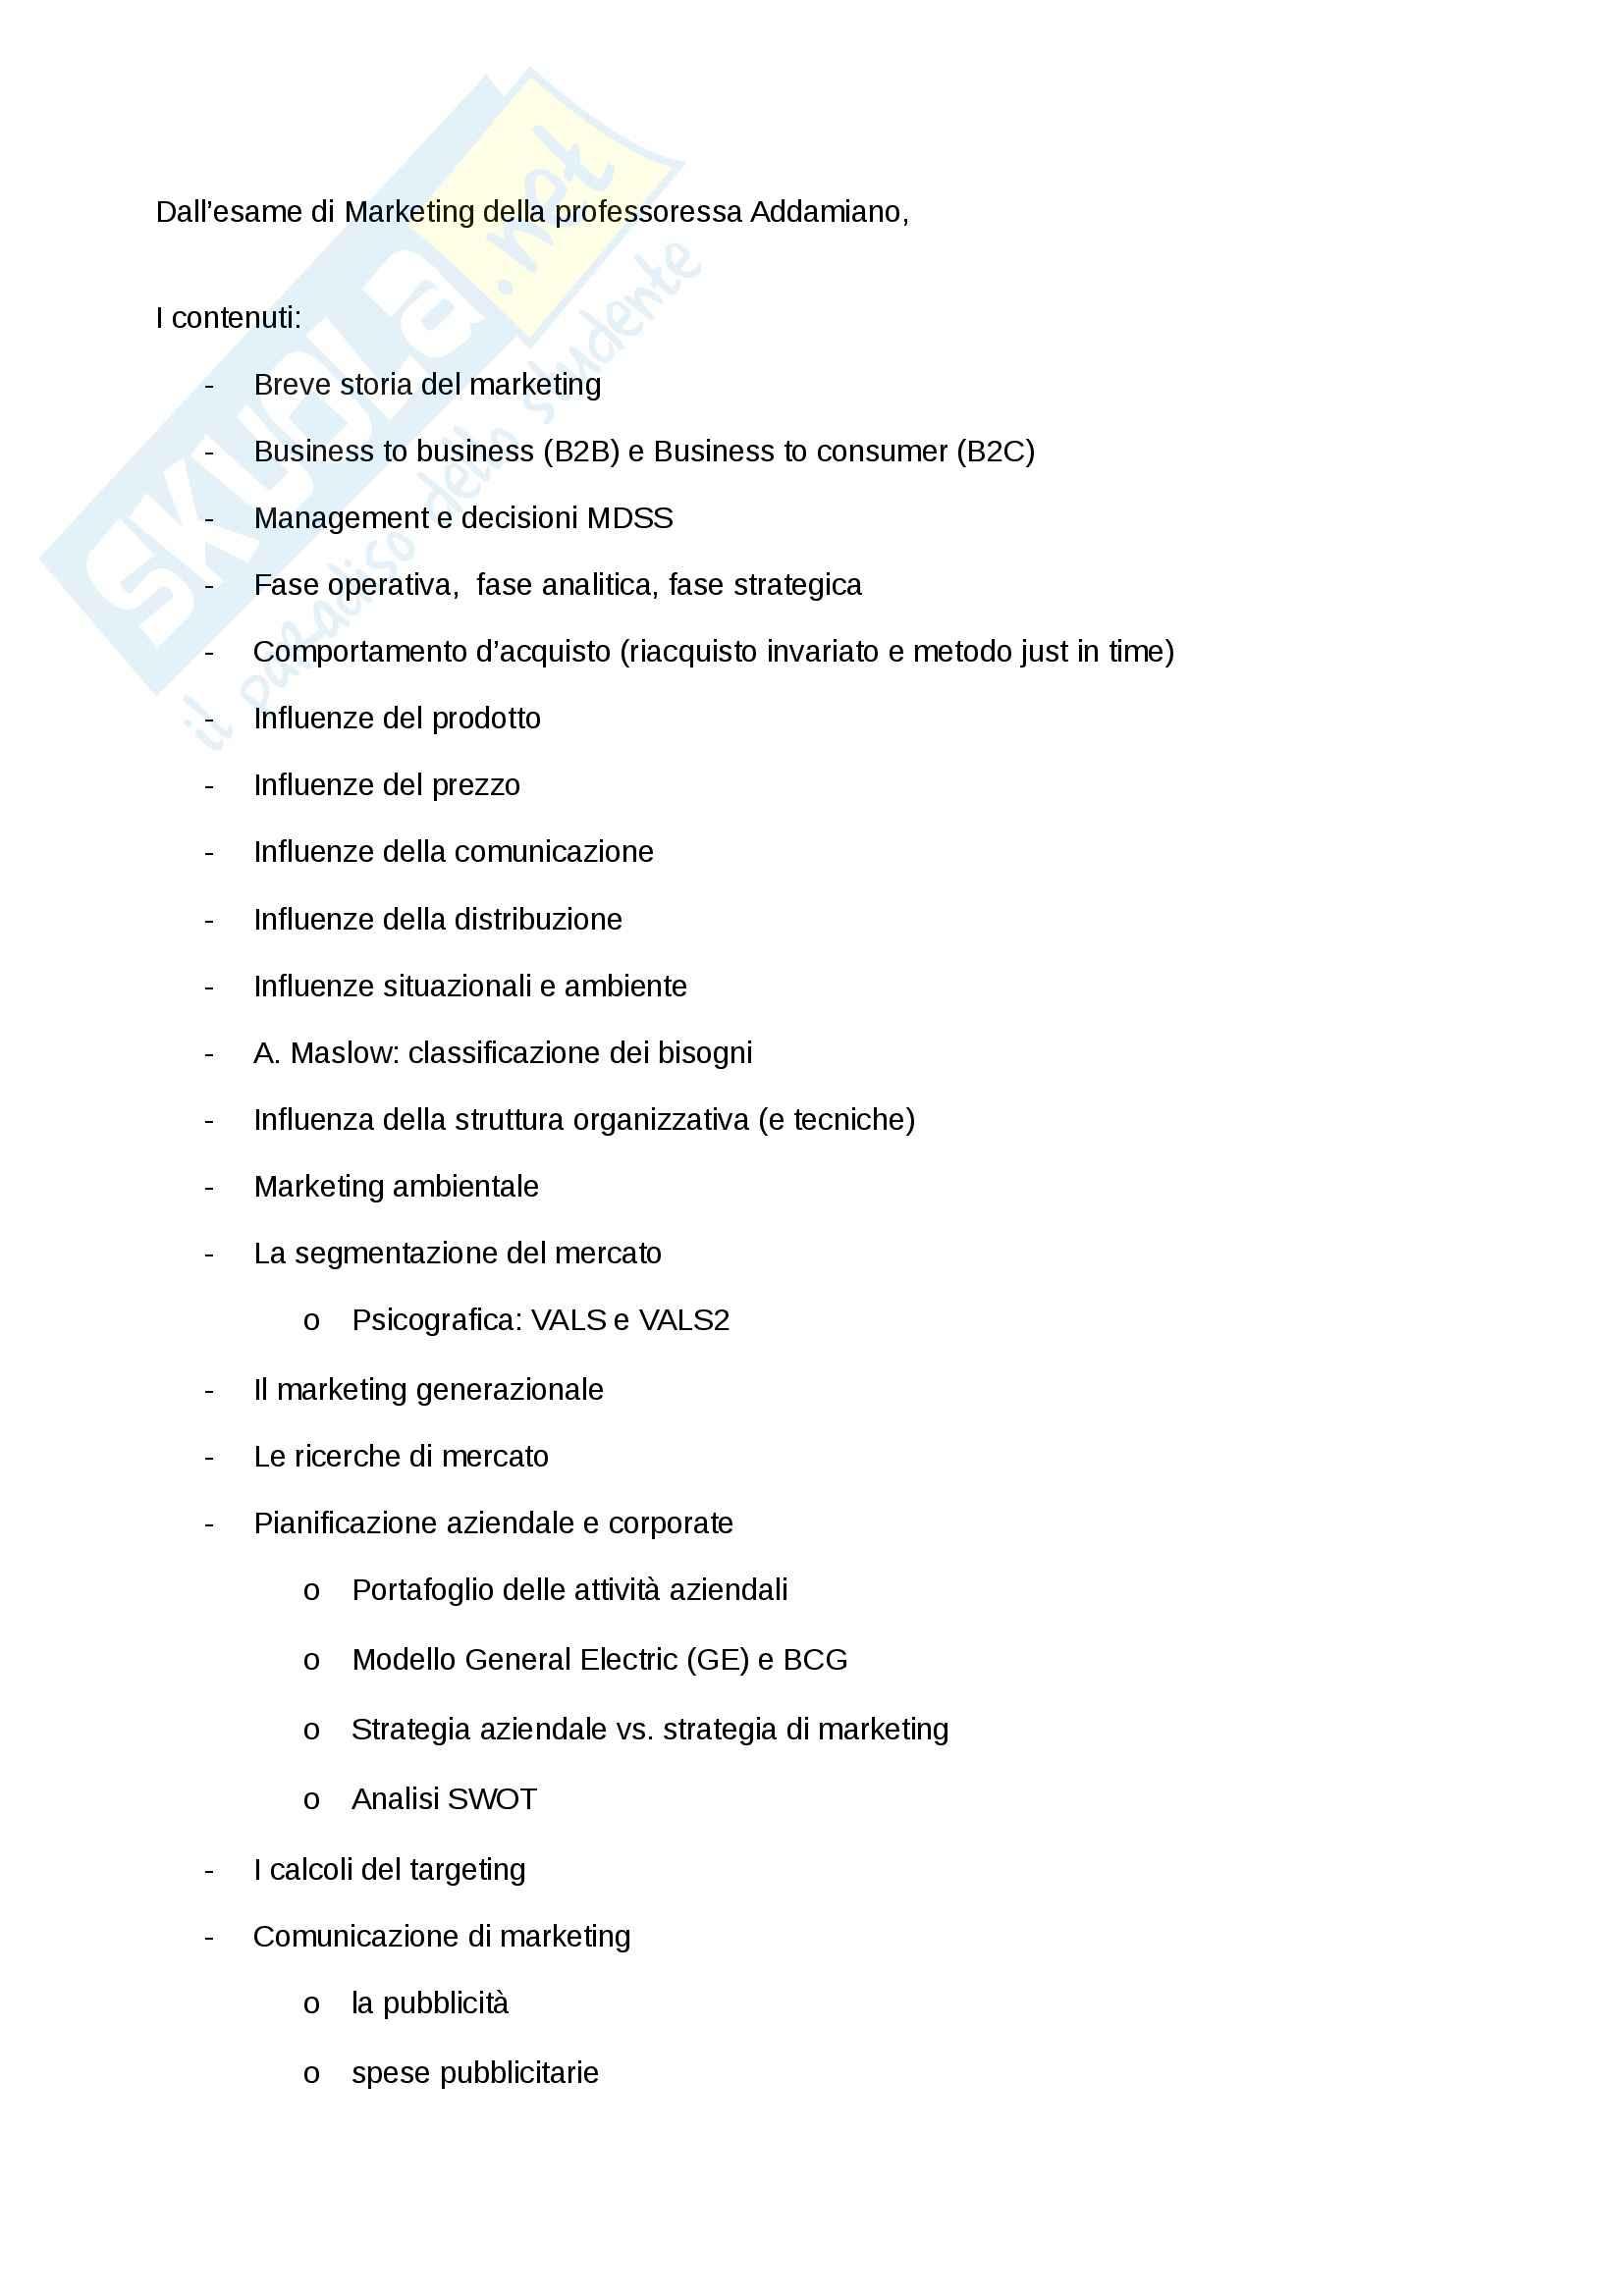 Riassunto esame Marketing, prof. Addamiano, libro consigliato Marketing di Peter, Donnelly, Pratesi